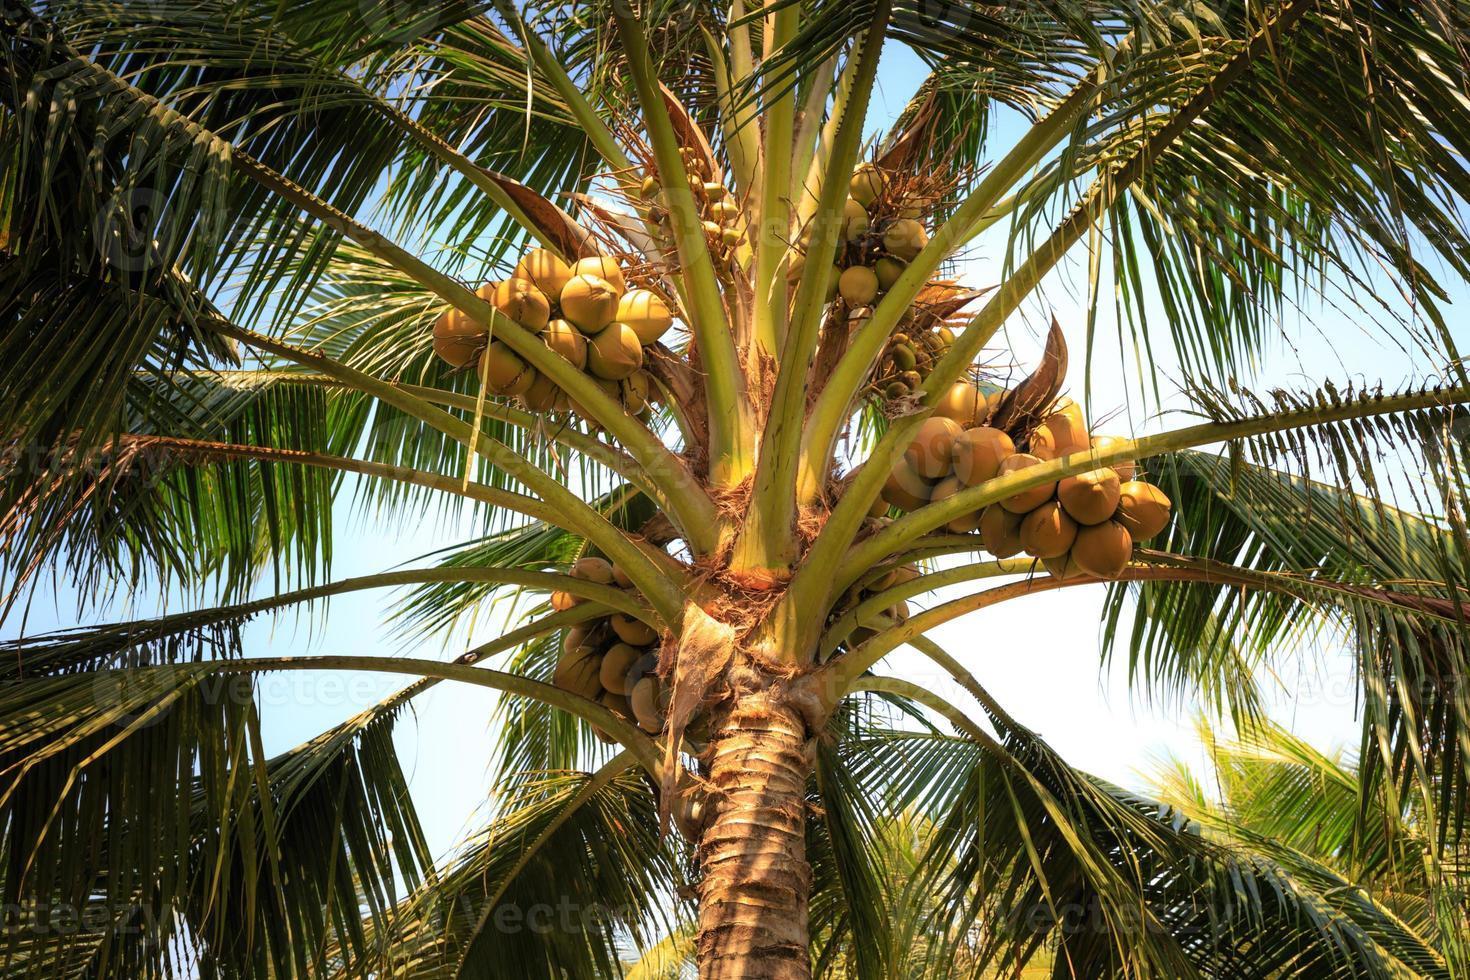 kokospalmen op het platteland van Vietnam foto